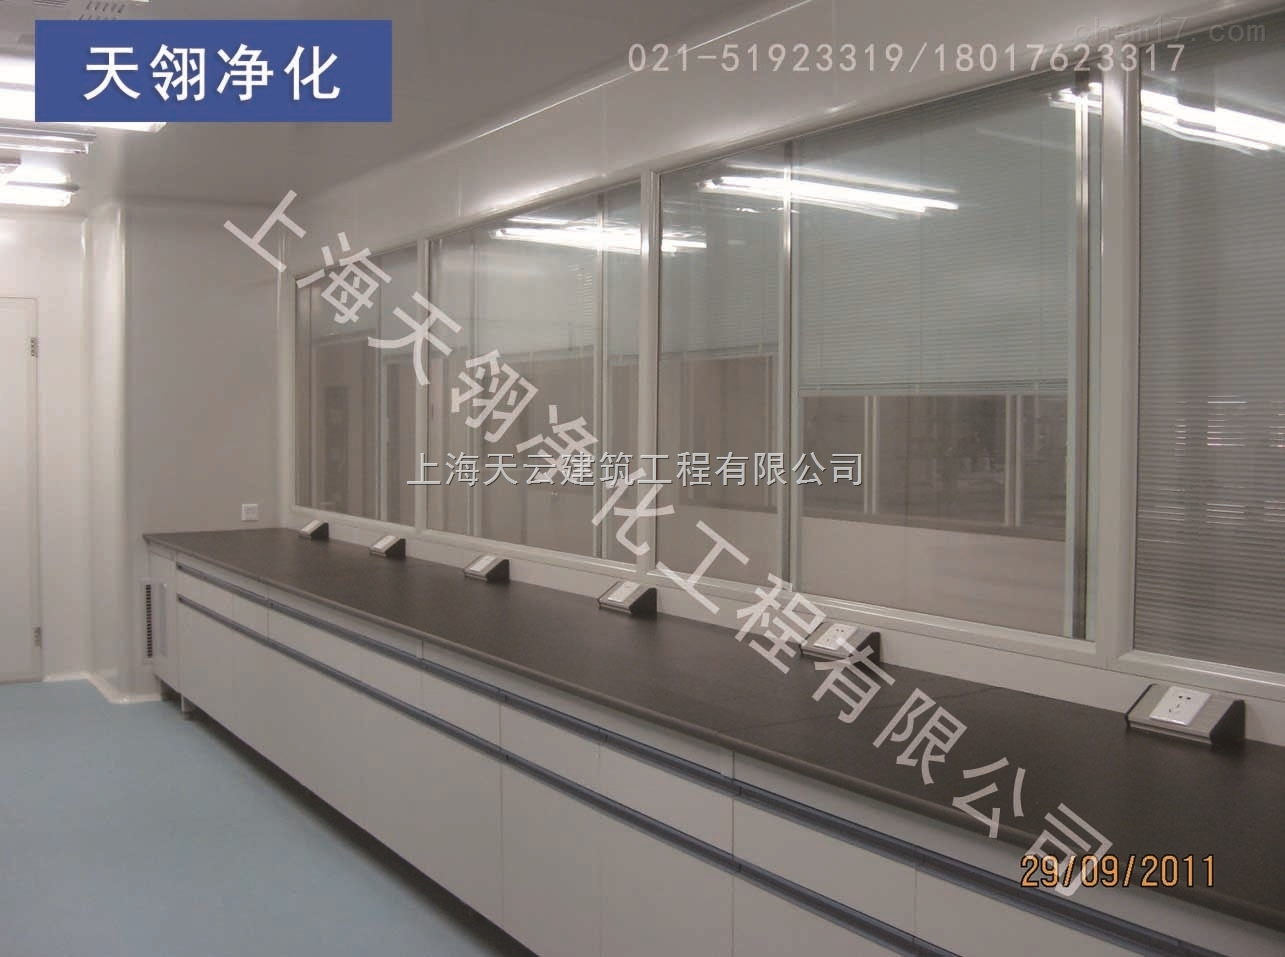 上海专业设计/装修分析实验室公司